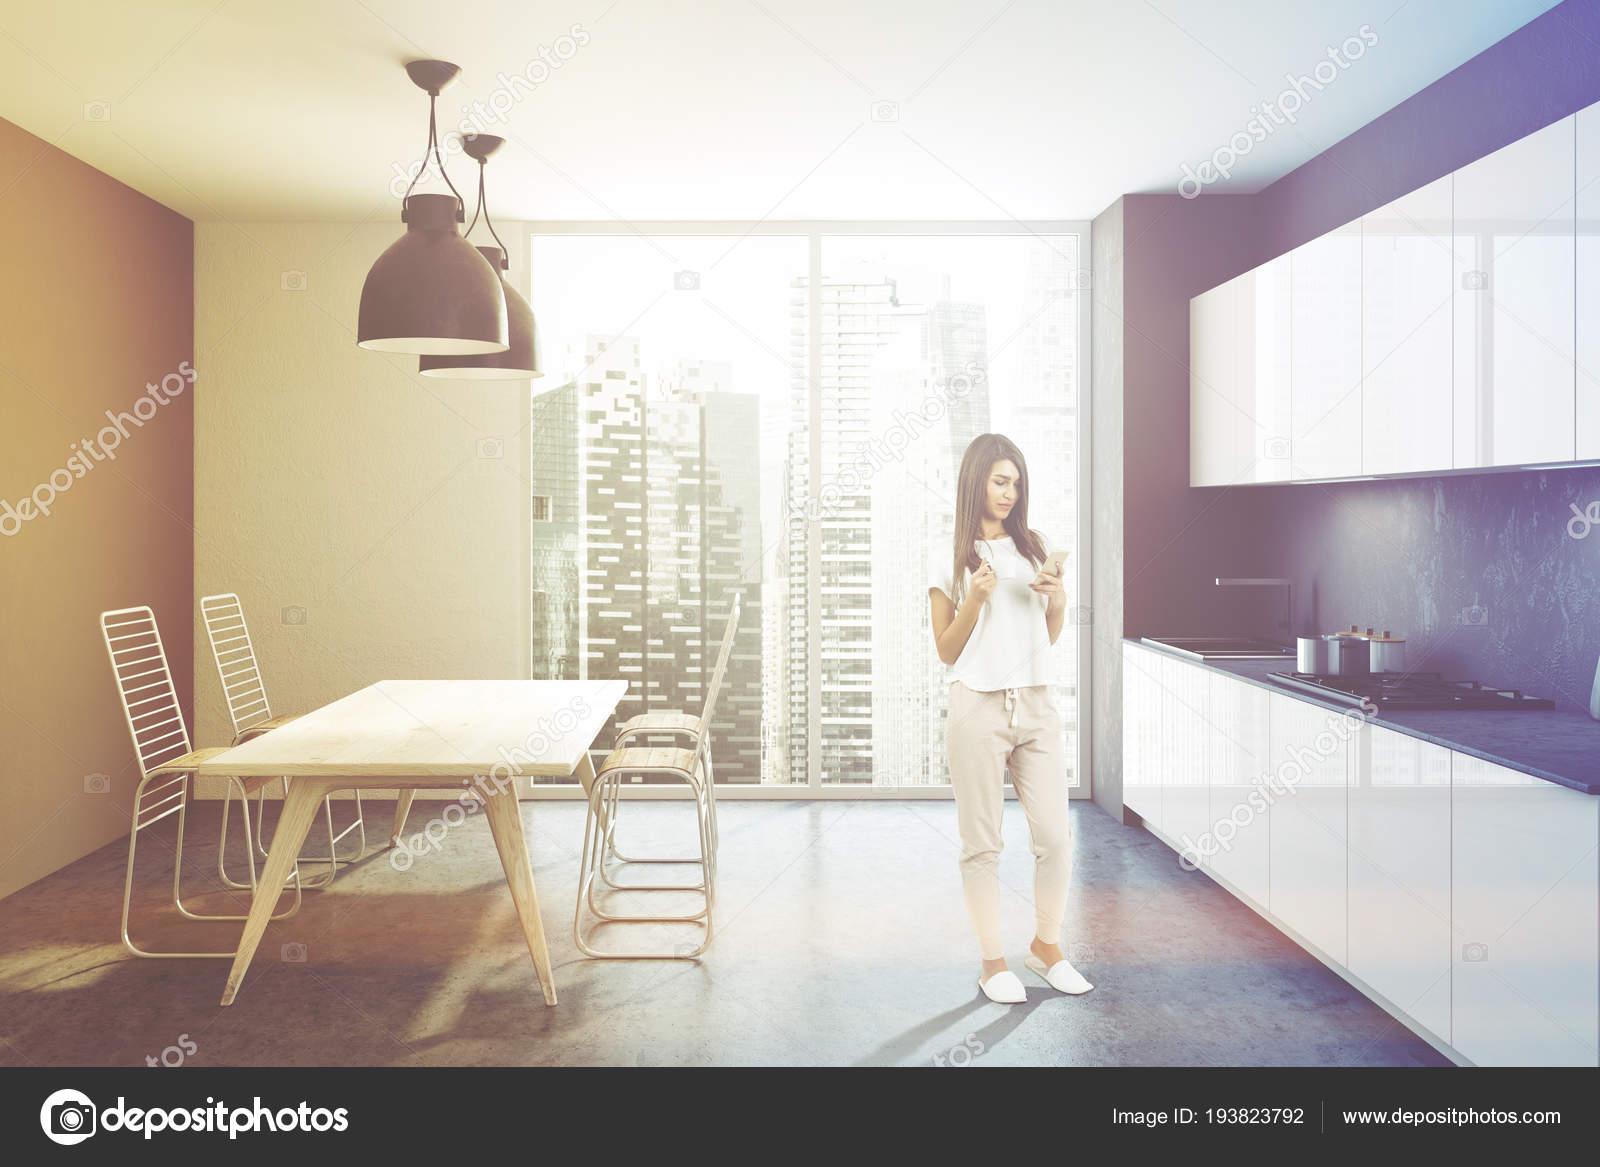 Pareti Con Foto In Bianco E Nero : Loft interiore della cucina parete bianco nero con pavimento